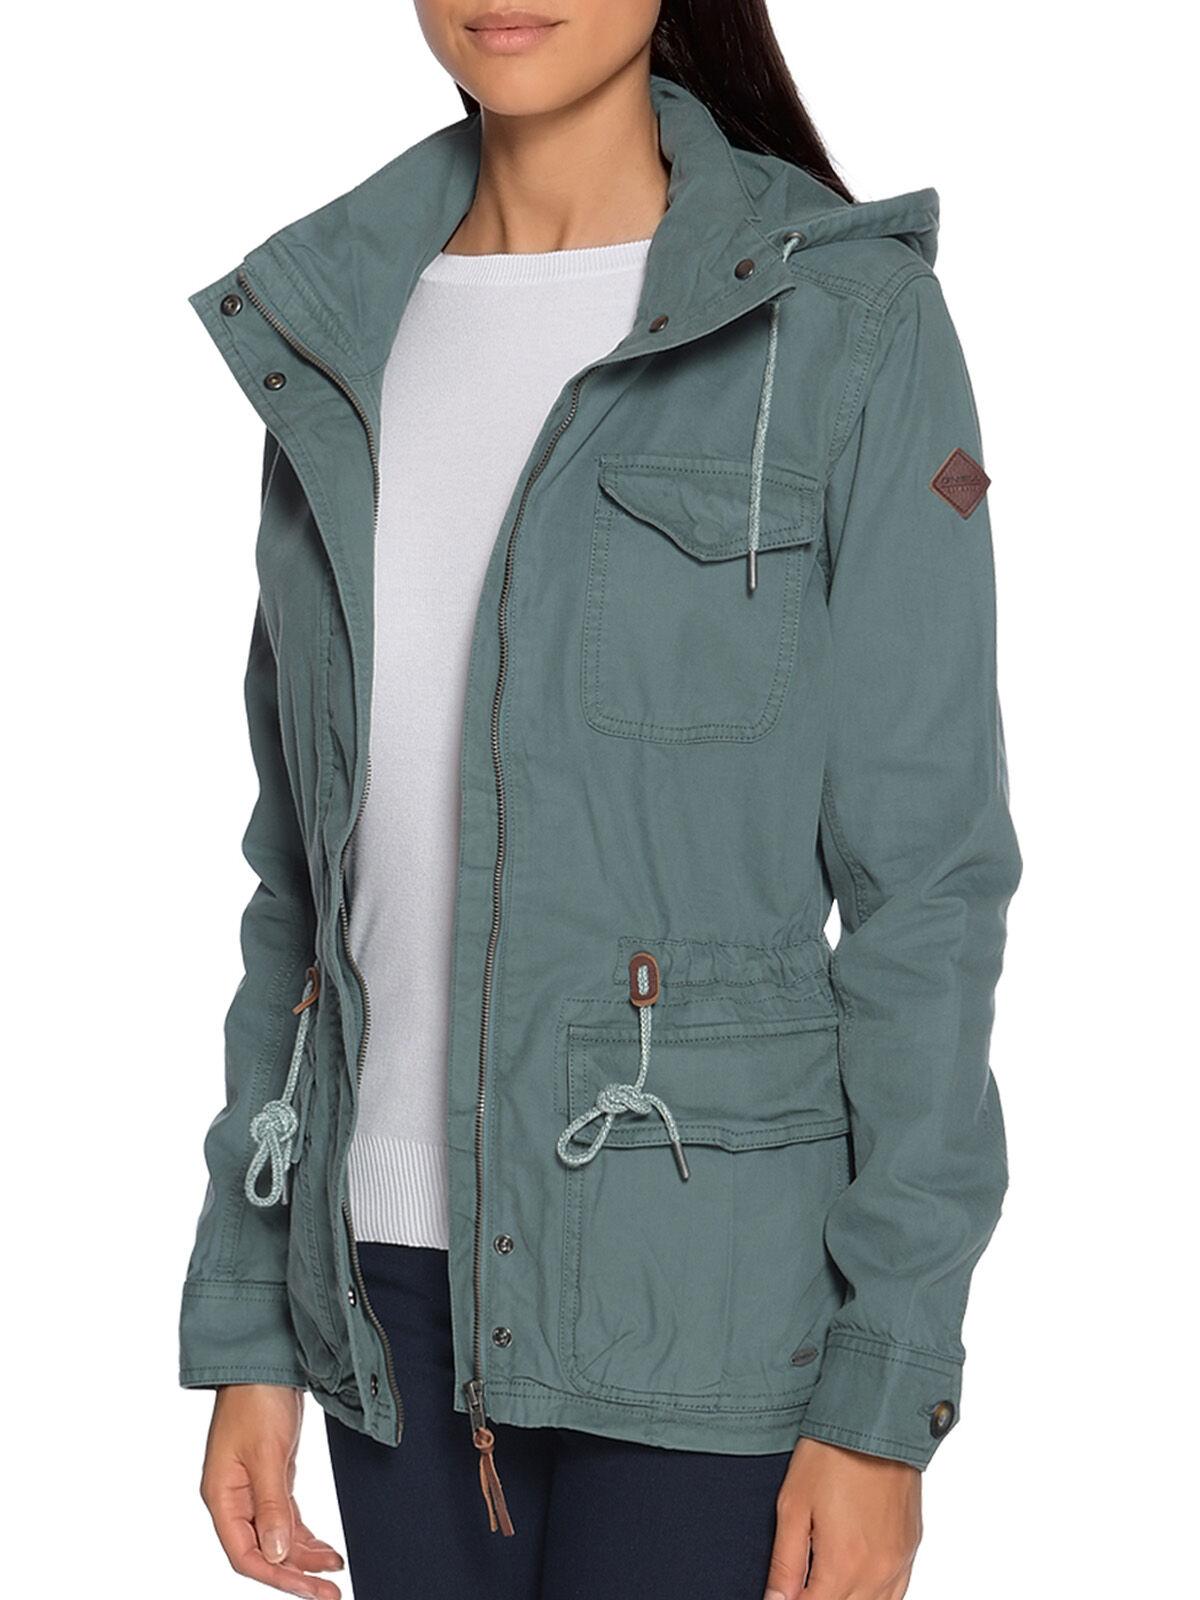 Grüner Military Style mit Jacke und Boots in 2020 | Jacken